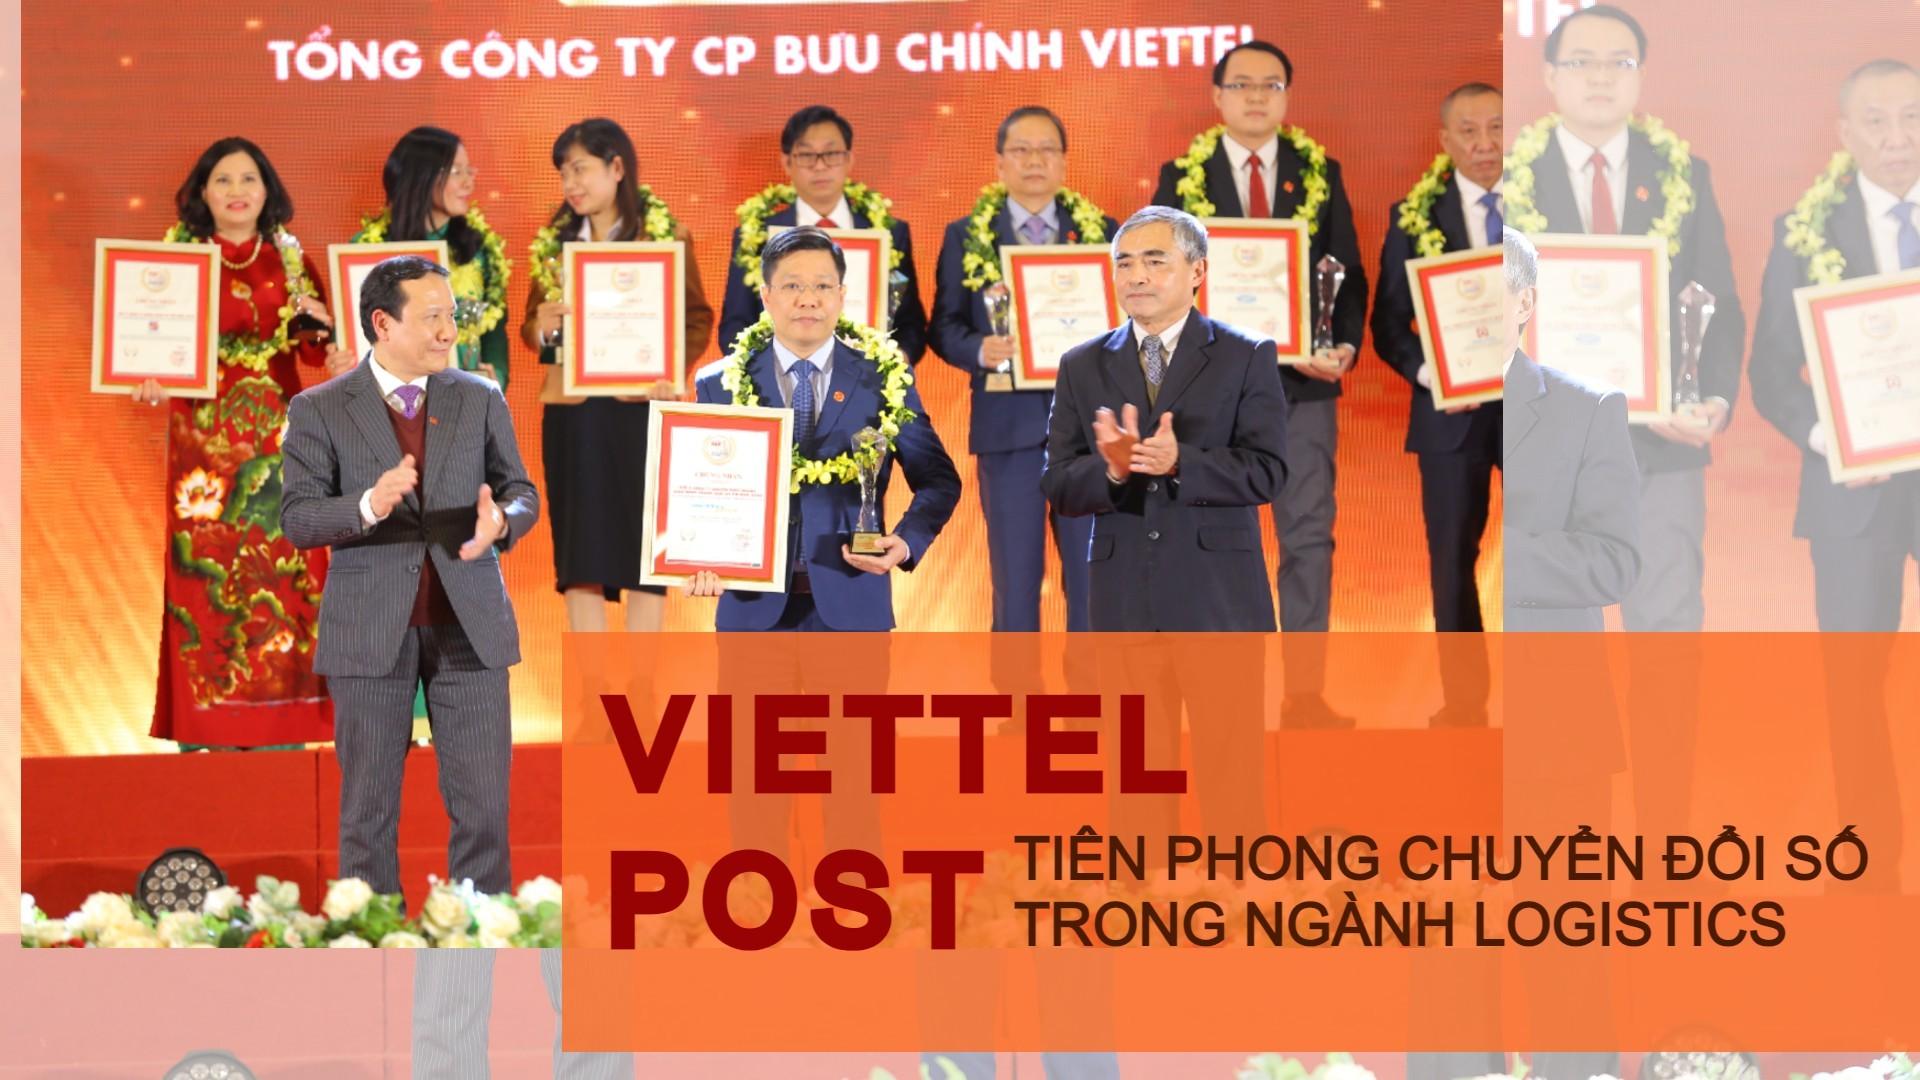 Viettel Post – Tiên phong chuyển đổi số trong ngành logistics